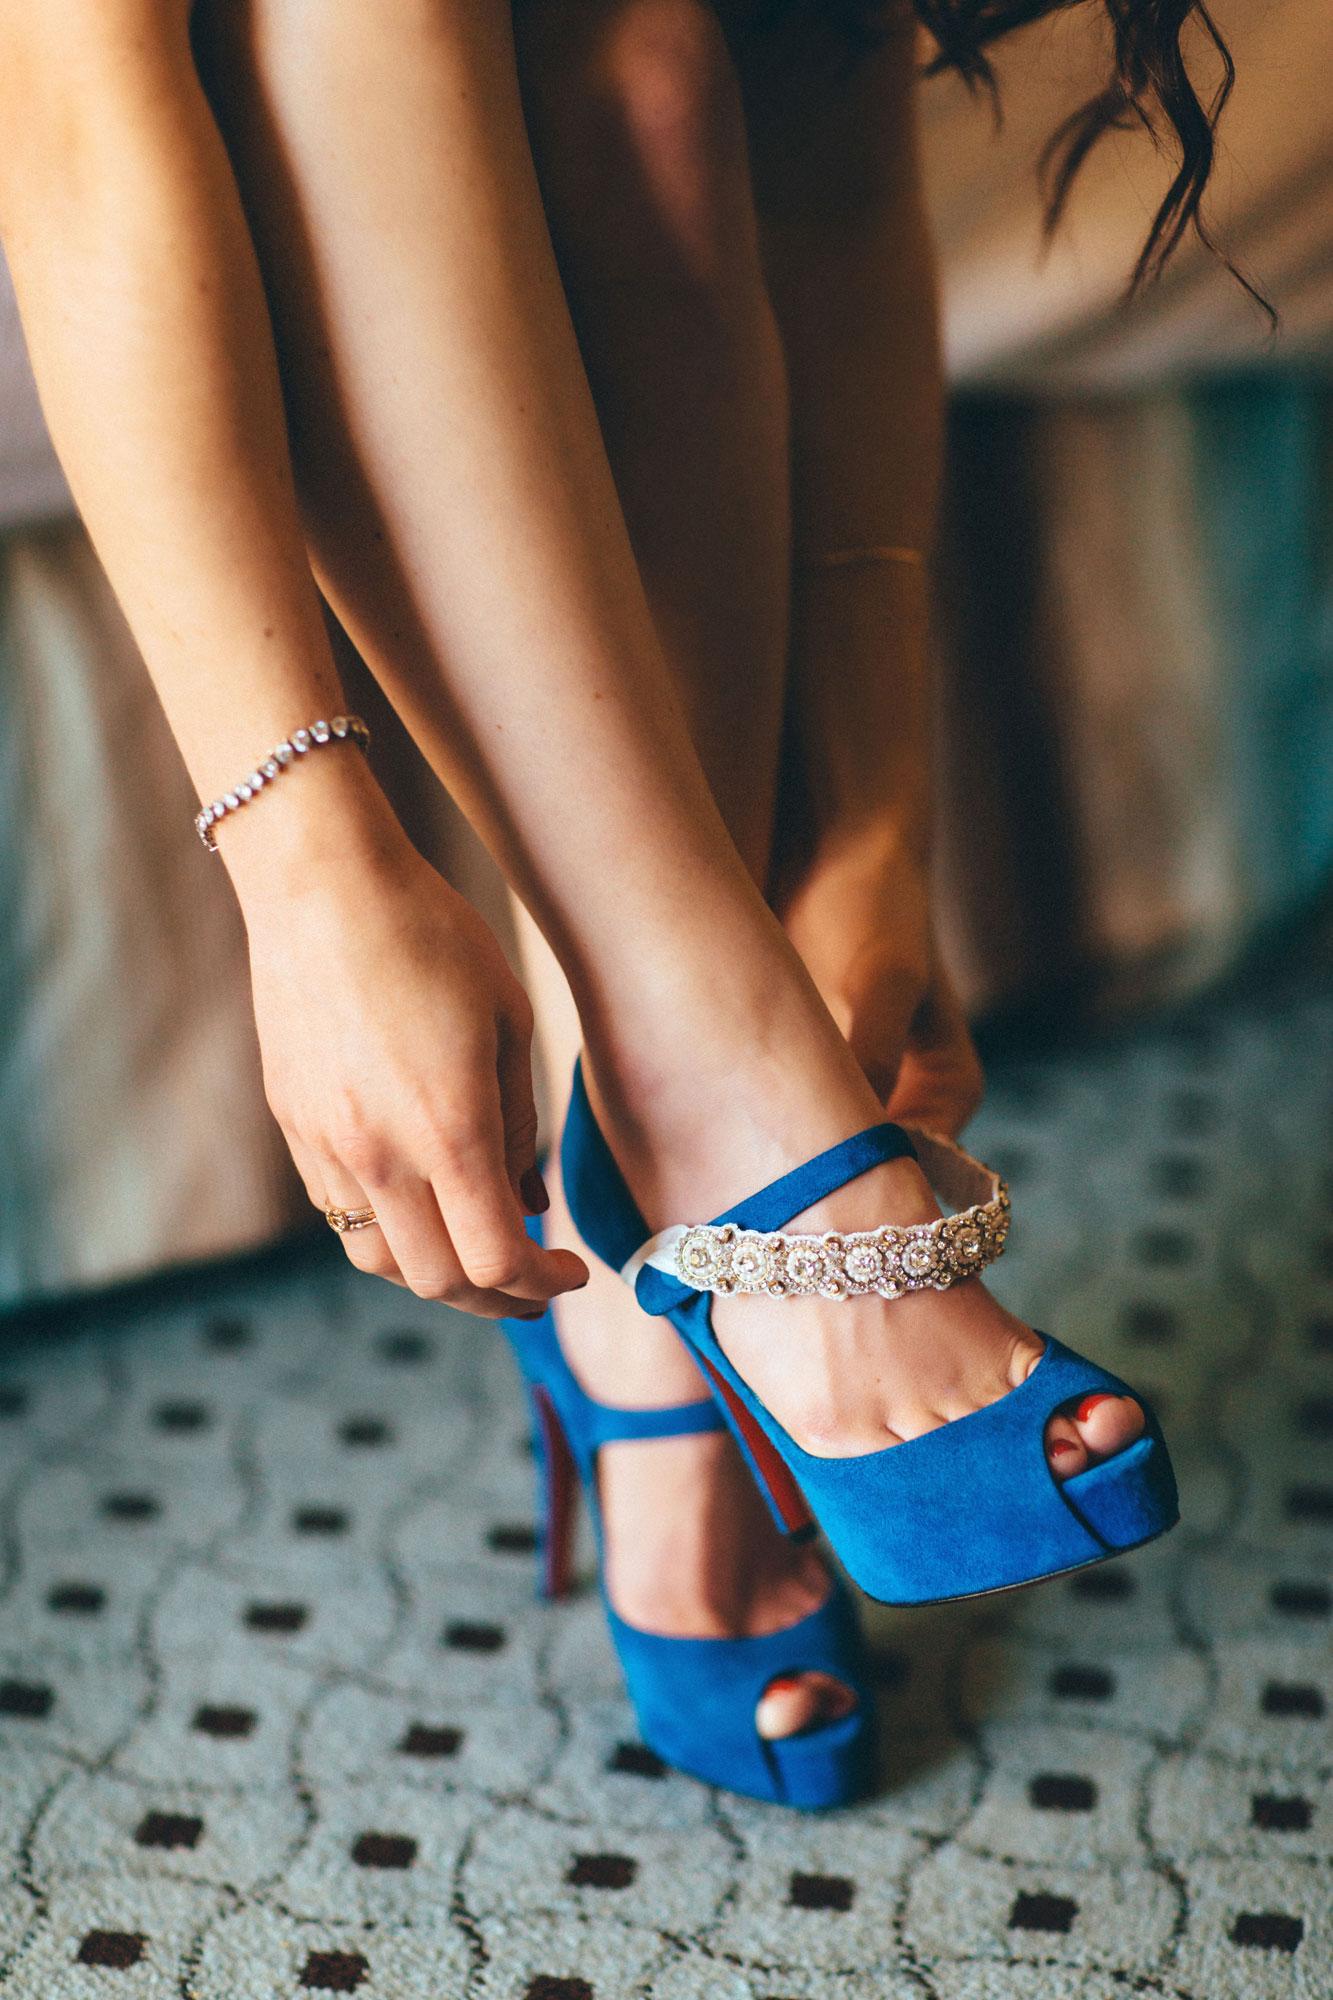 Me & Mr. Jones Wedding, Blue Christian Louboutin Pumps, Blue Wedding Shoes, La Gartier garter, Beaded Garter